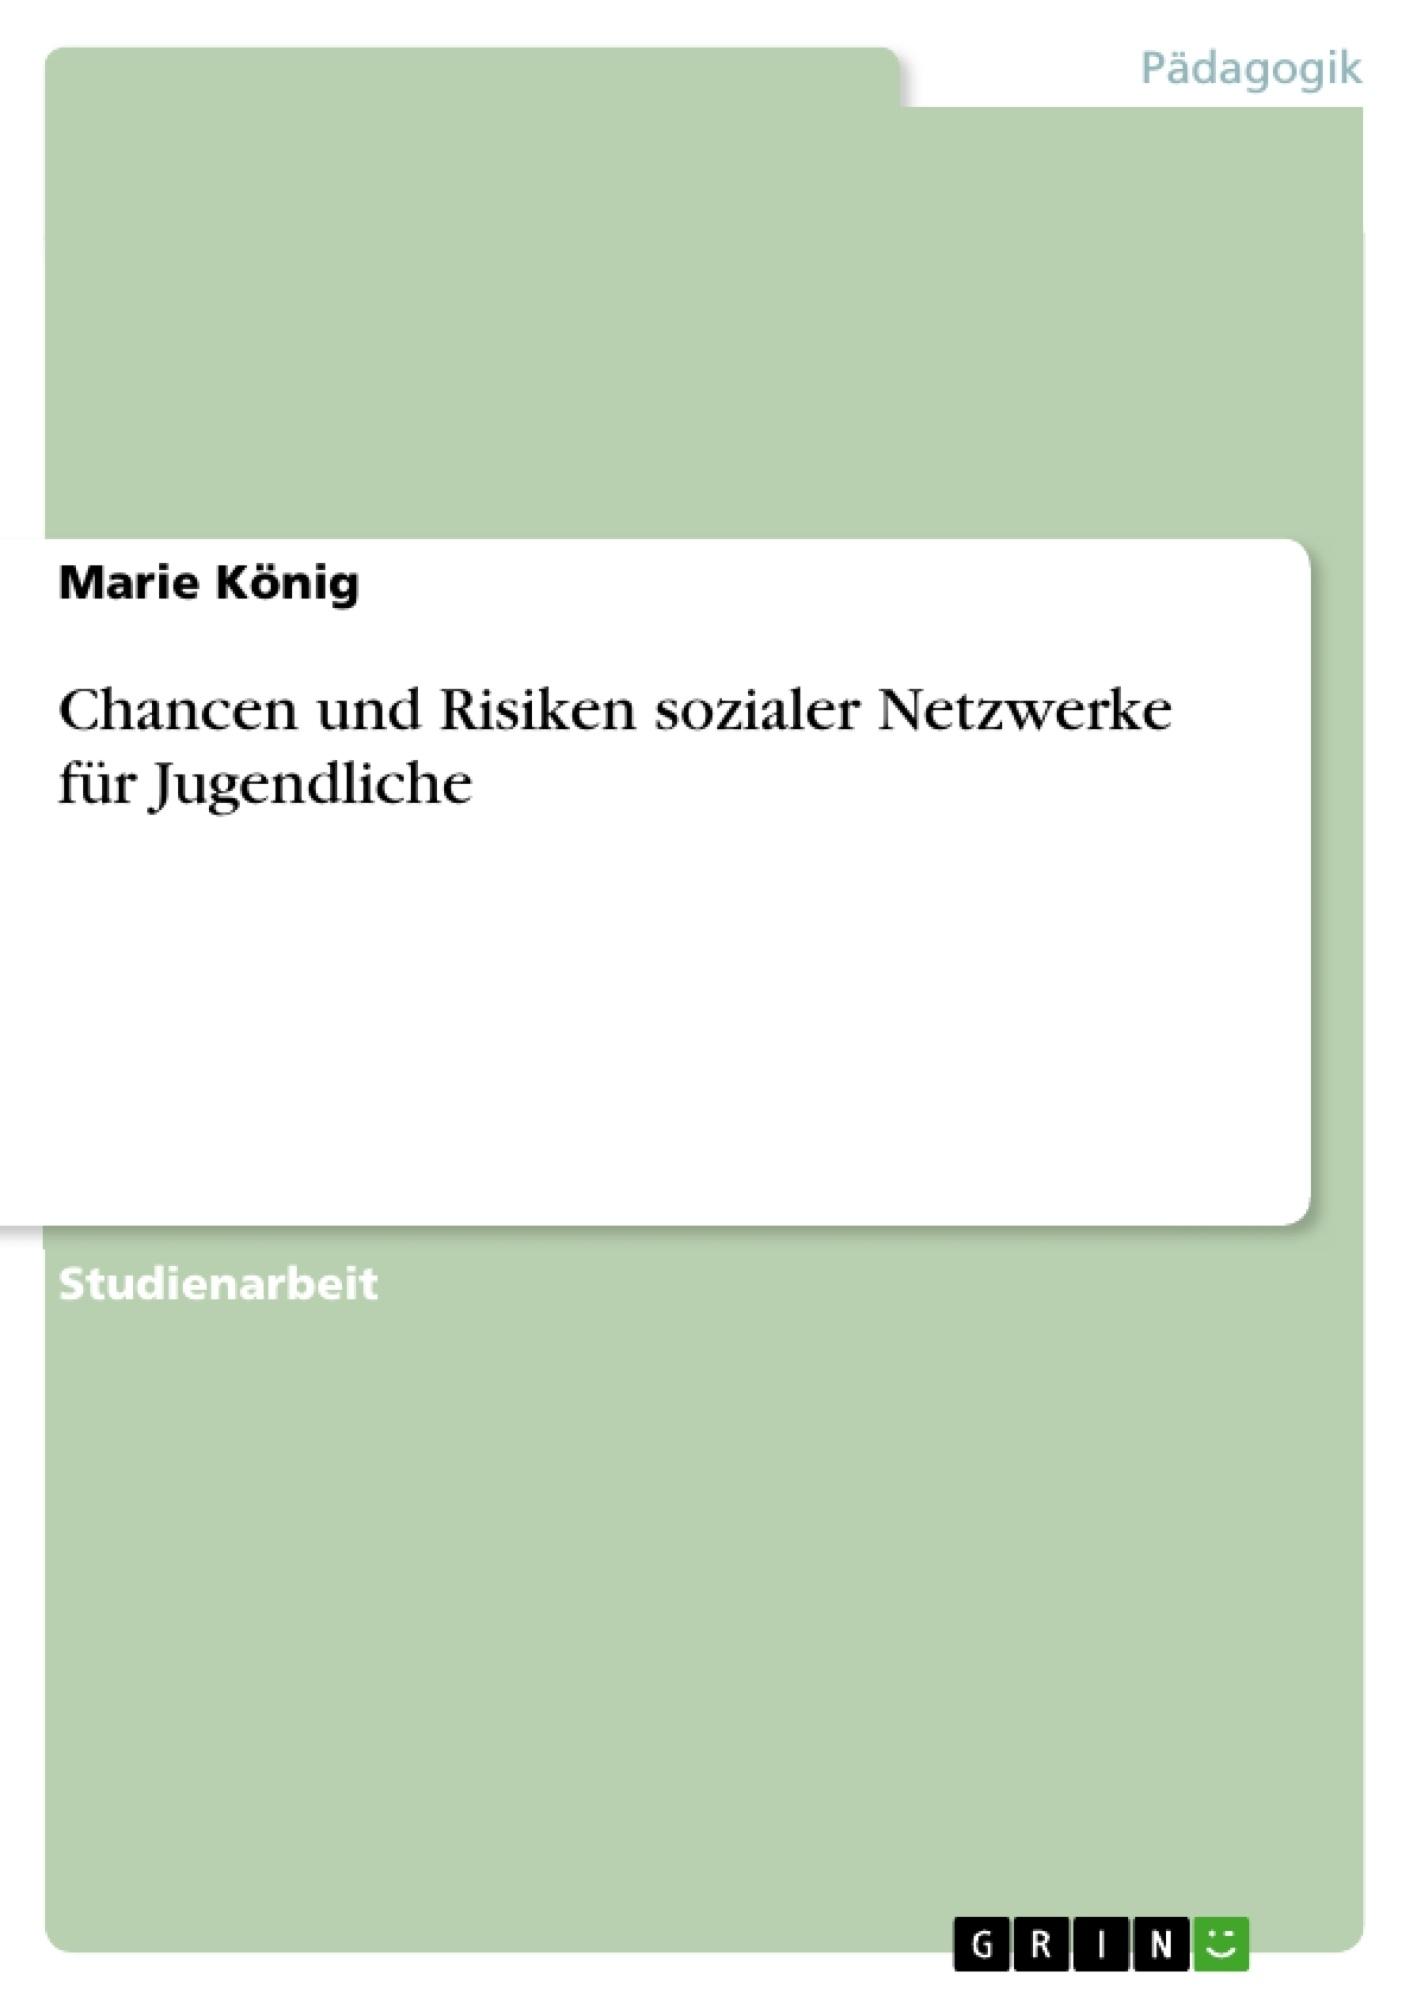 Titel: Chancen und Risiken sozialer Netzwerke für Jugendliche